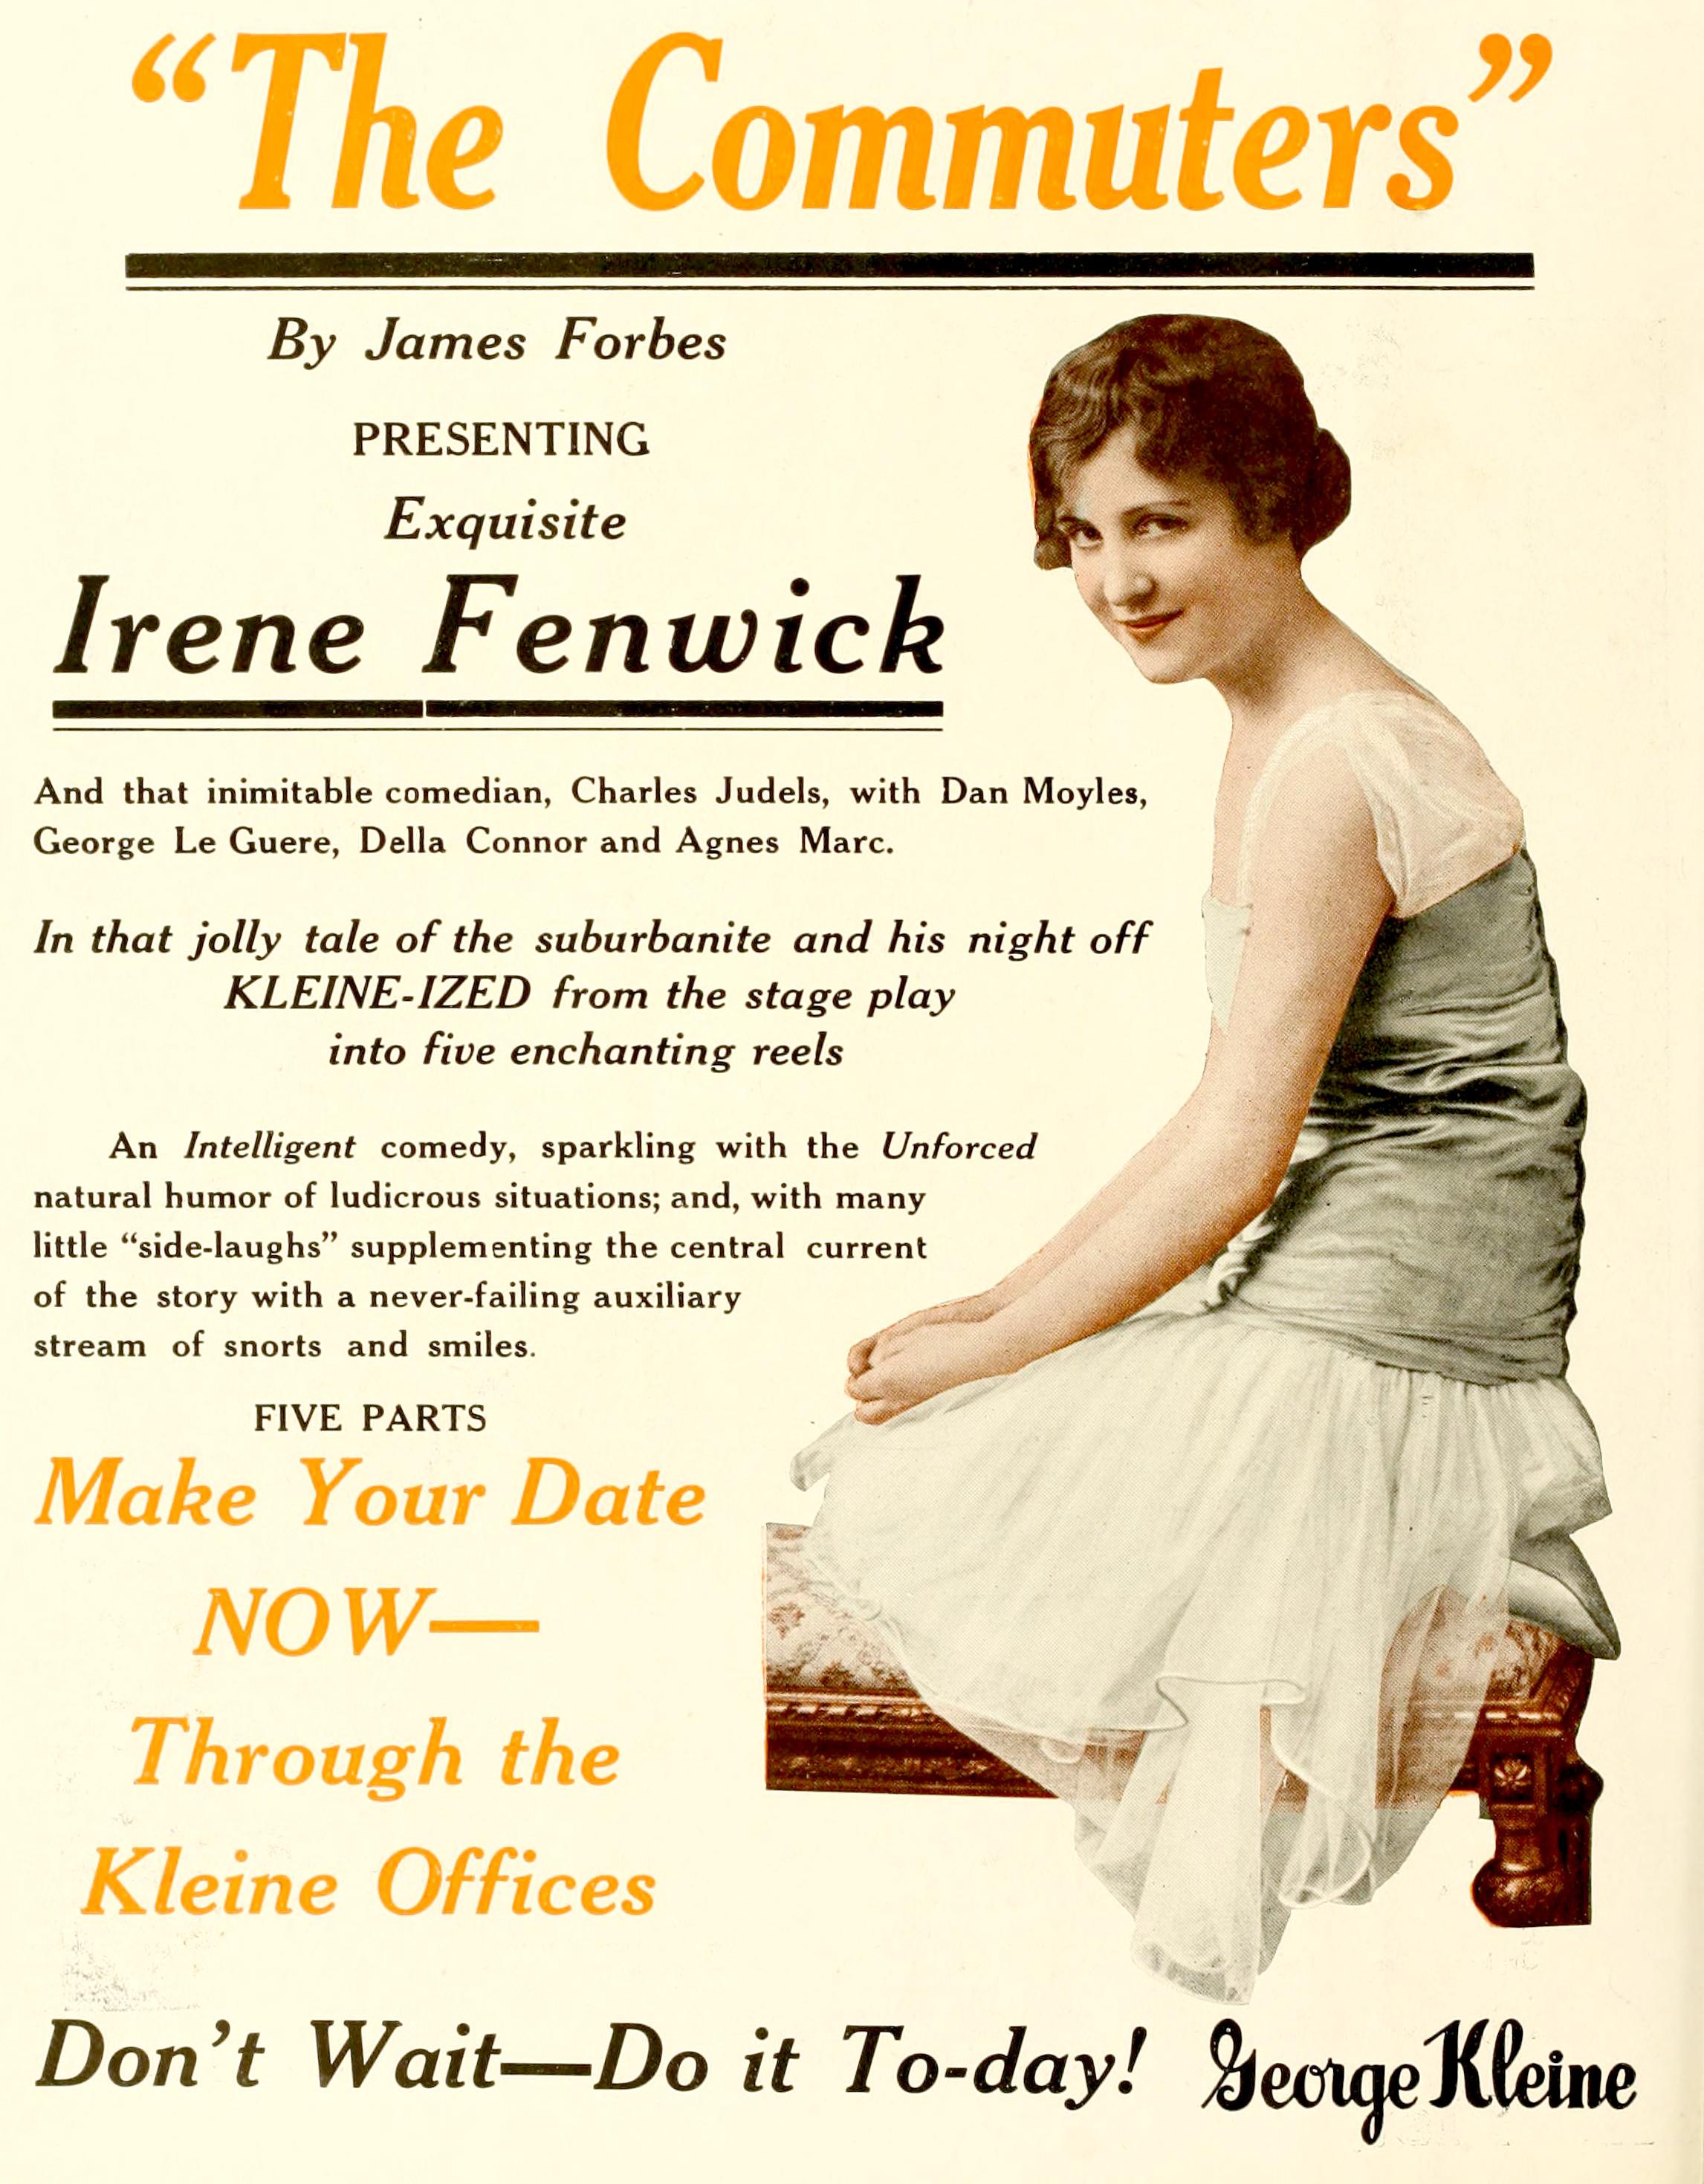 Irene Fenwick Irene Fenwick new images